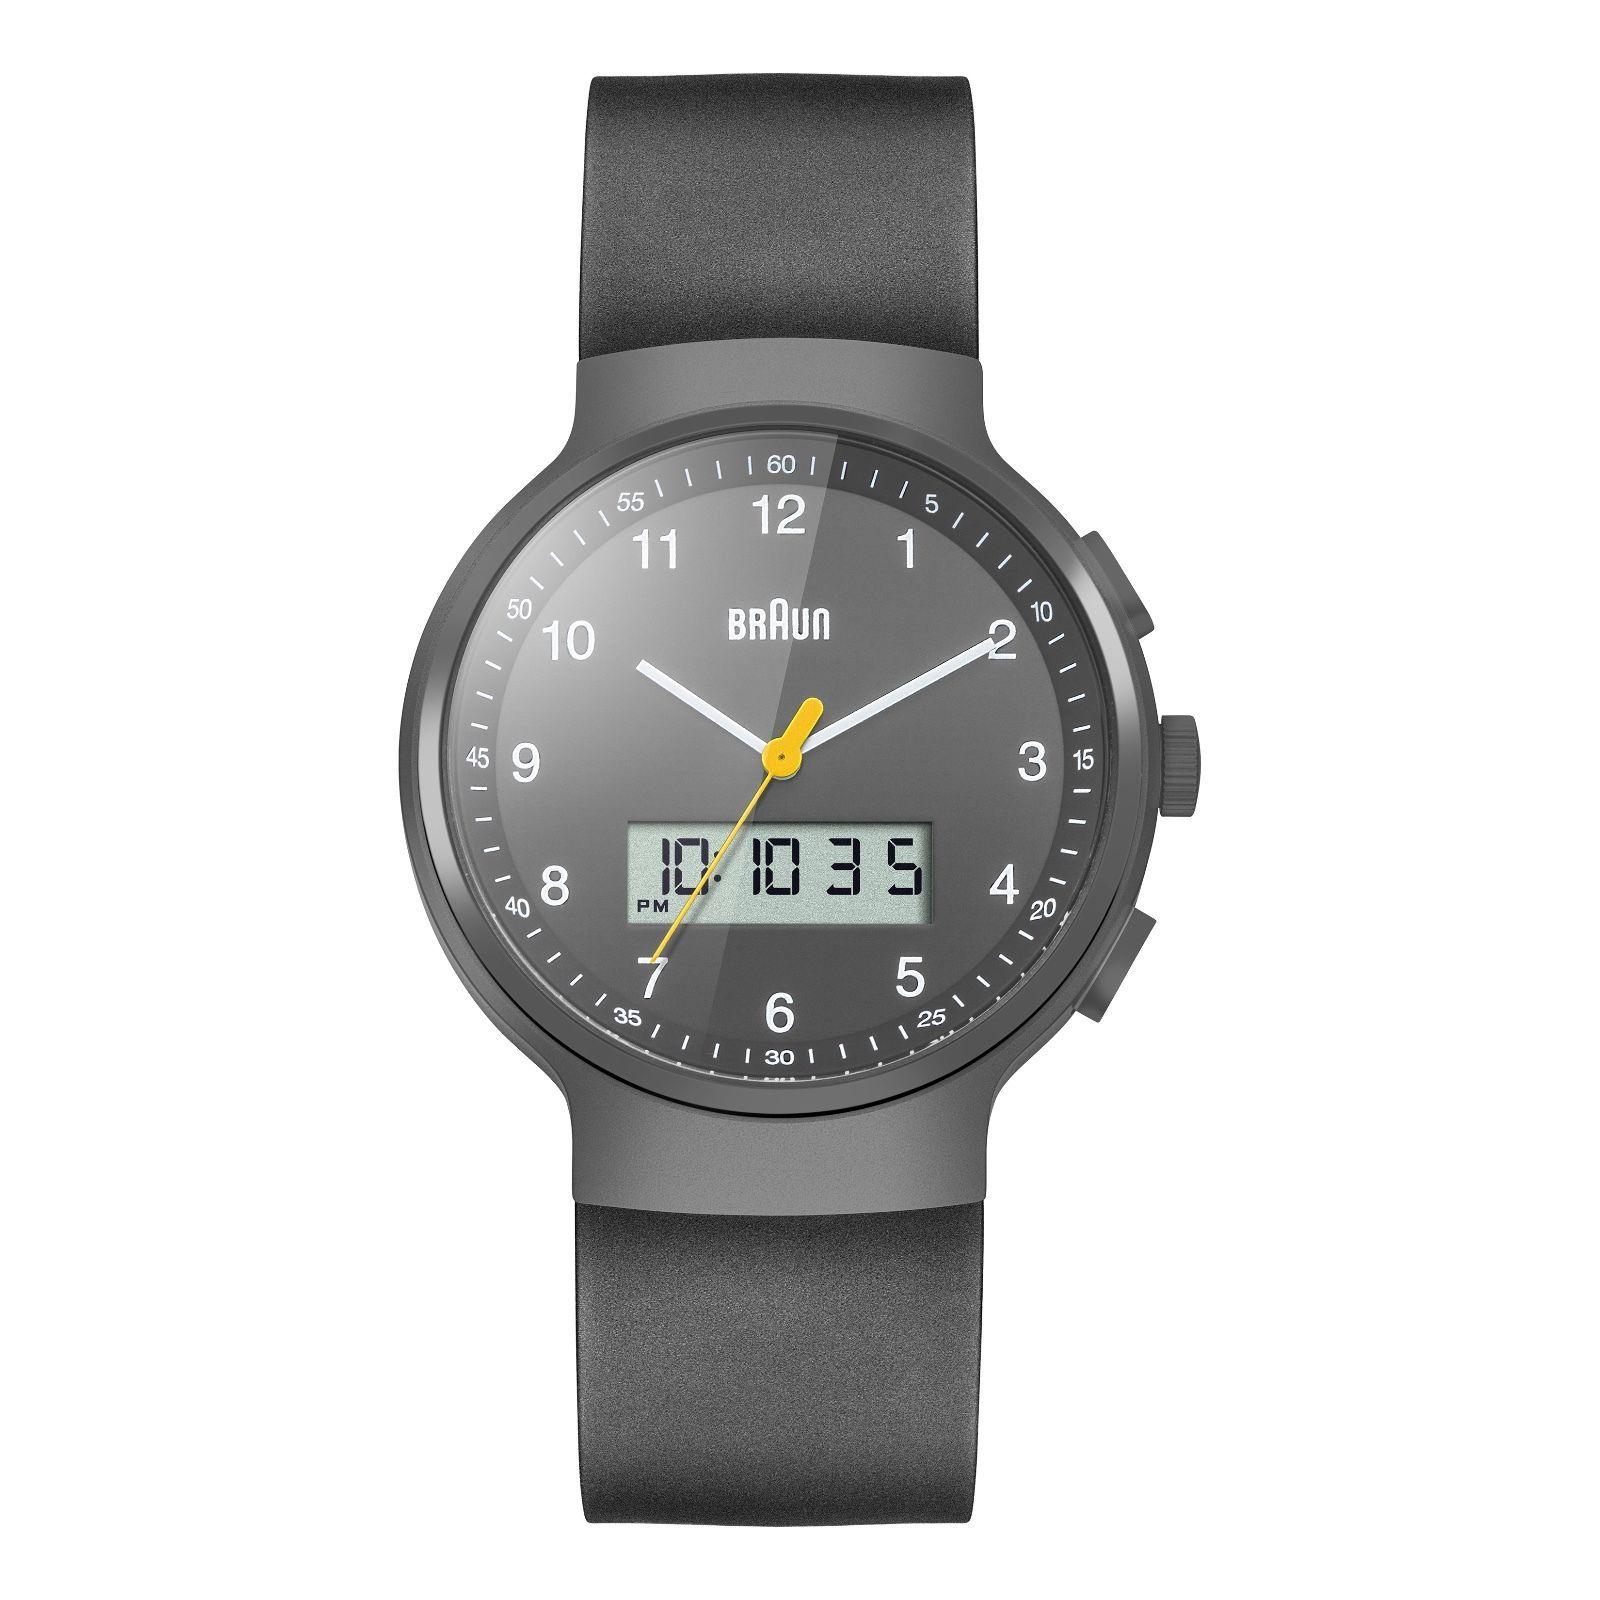 Braun Herren Bn0159 Klassische Uhr Mit Kautschukband Gygyg 66564 Neu Ovp Ebay Klassische Uhr Braun Werden Uhren